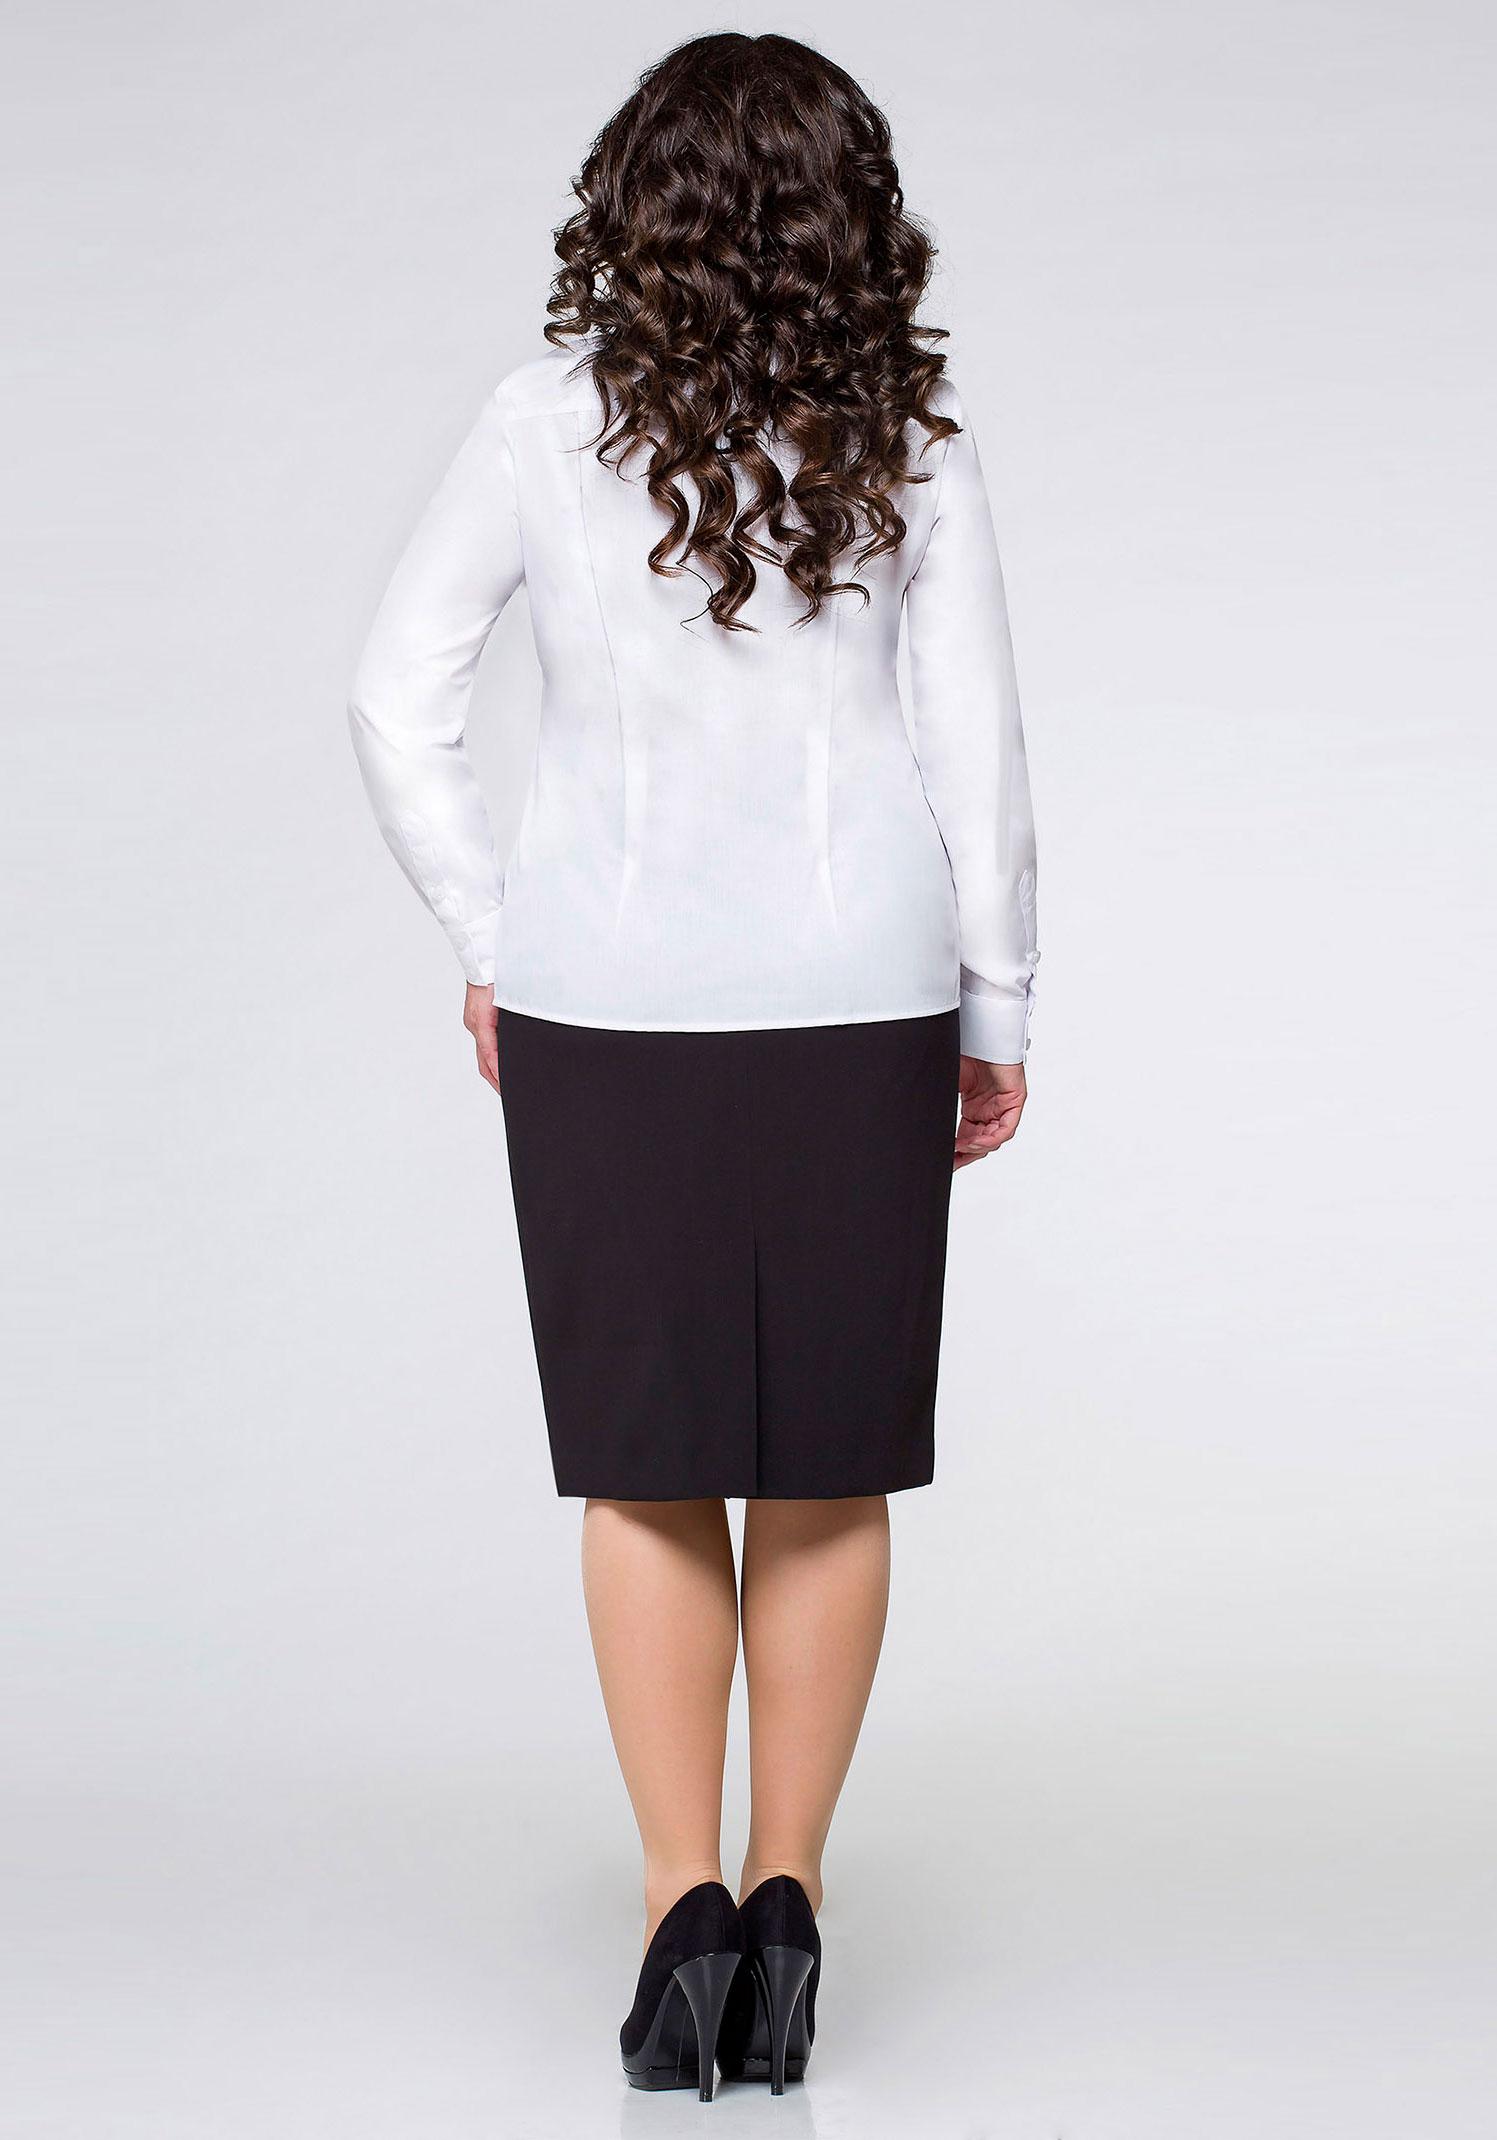 Женская блузка. Модель 307540